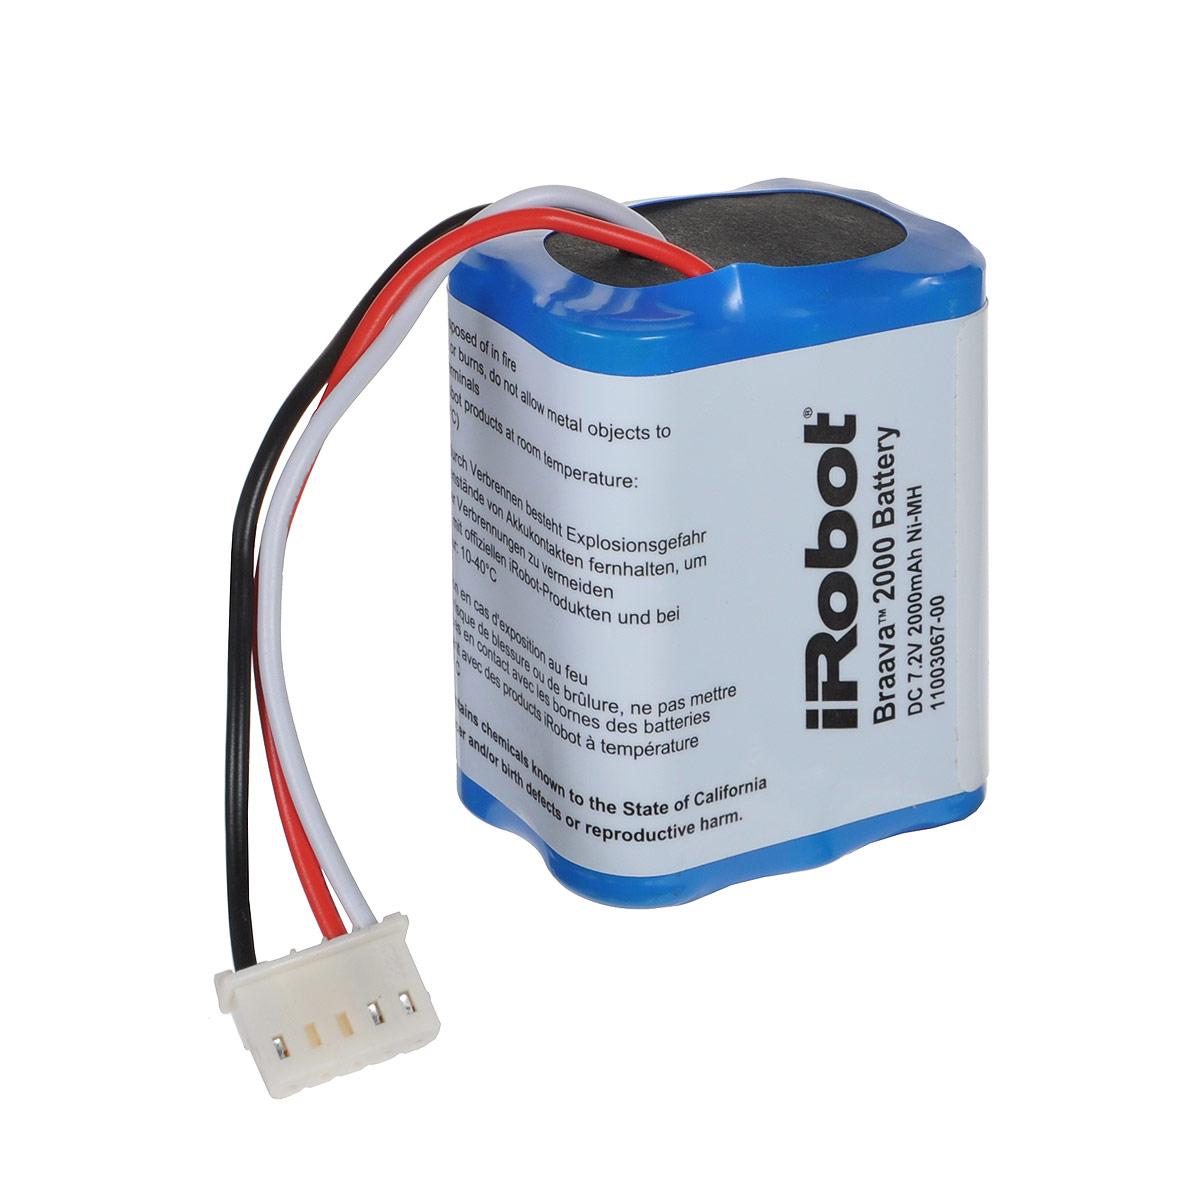 iRobot аккумуляторная батарея NiMH для Braava 380/390t4409709Аккумуляторная батарея iRobot для робота-пылесоса Braava 380/390t. Выполнена из качественных материалов, обладает высокой емкостью.